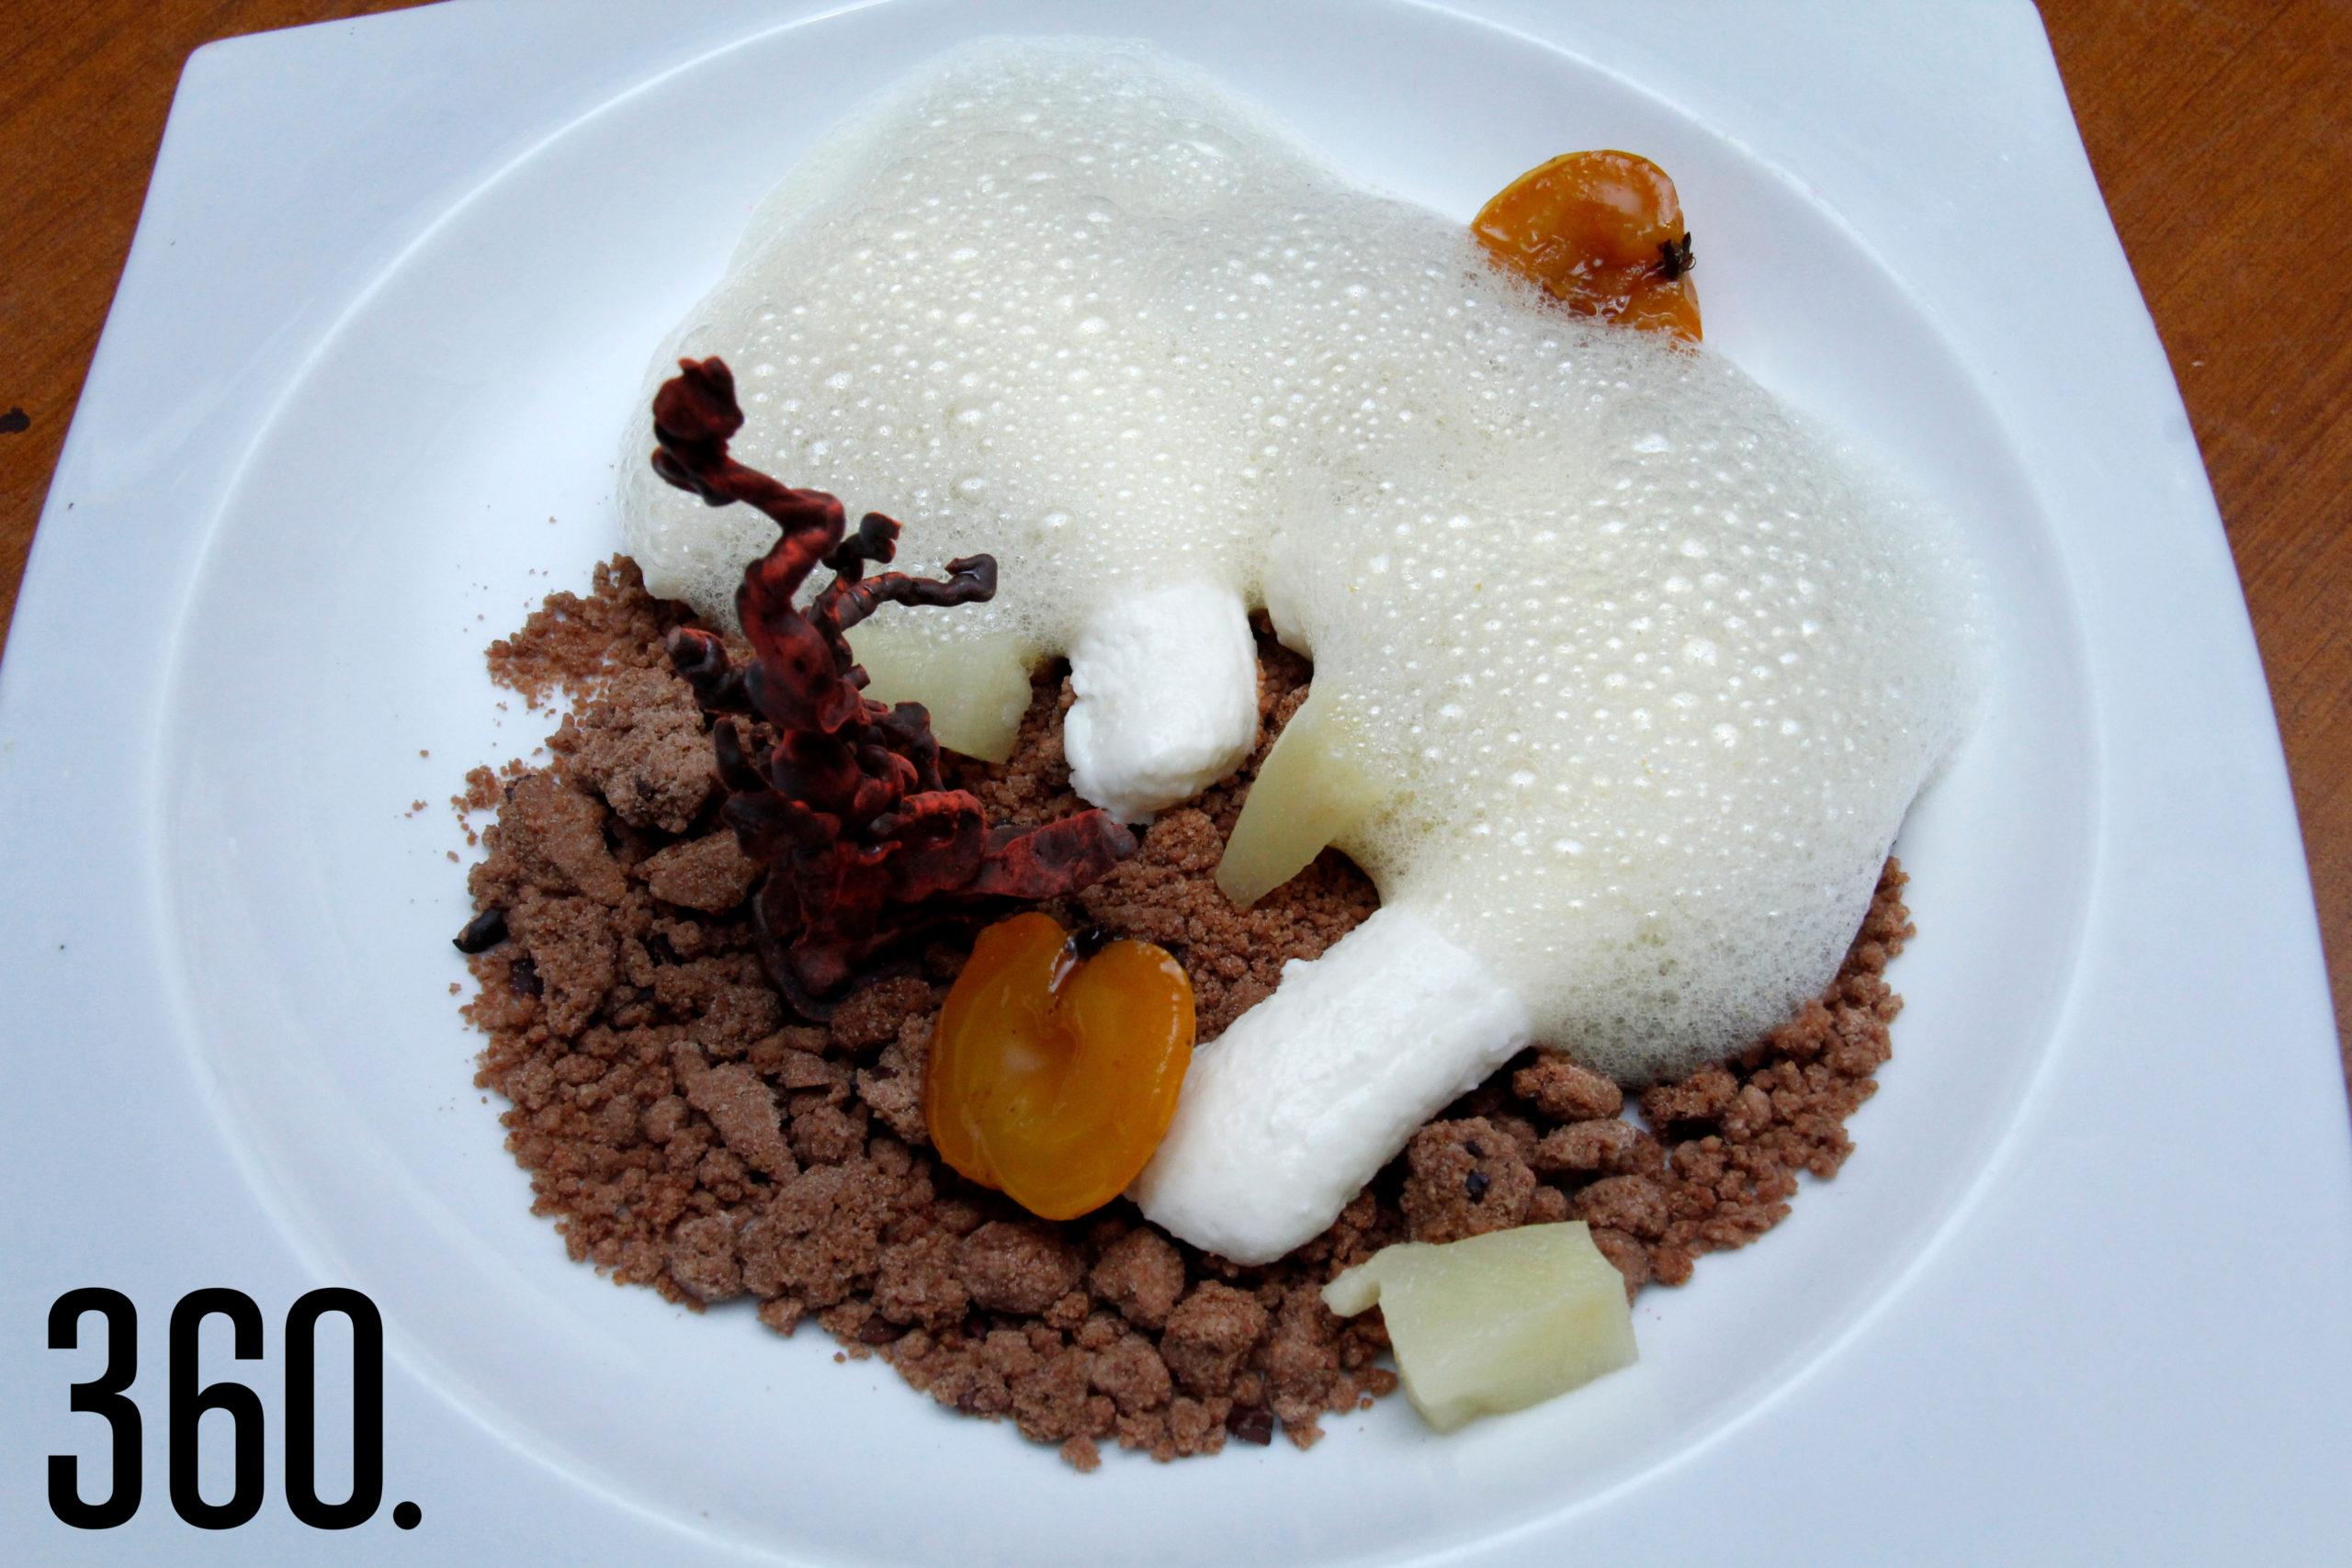 El postre, pulpo mimetizado de coco, en coral de chocolate, piña en almíbar, tejocote confitado y aire de maracuyá.